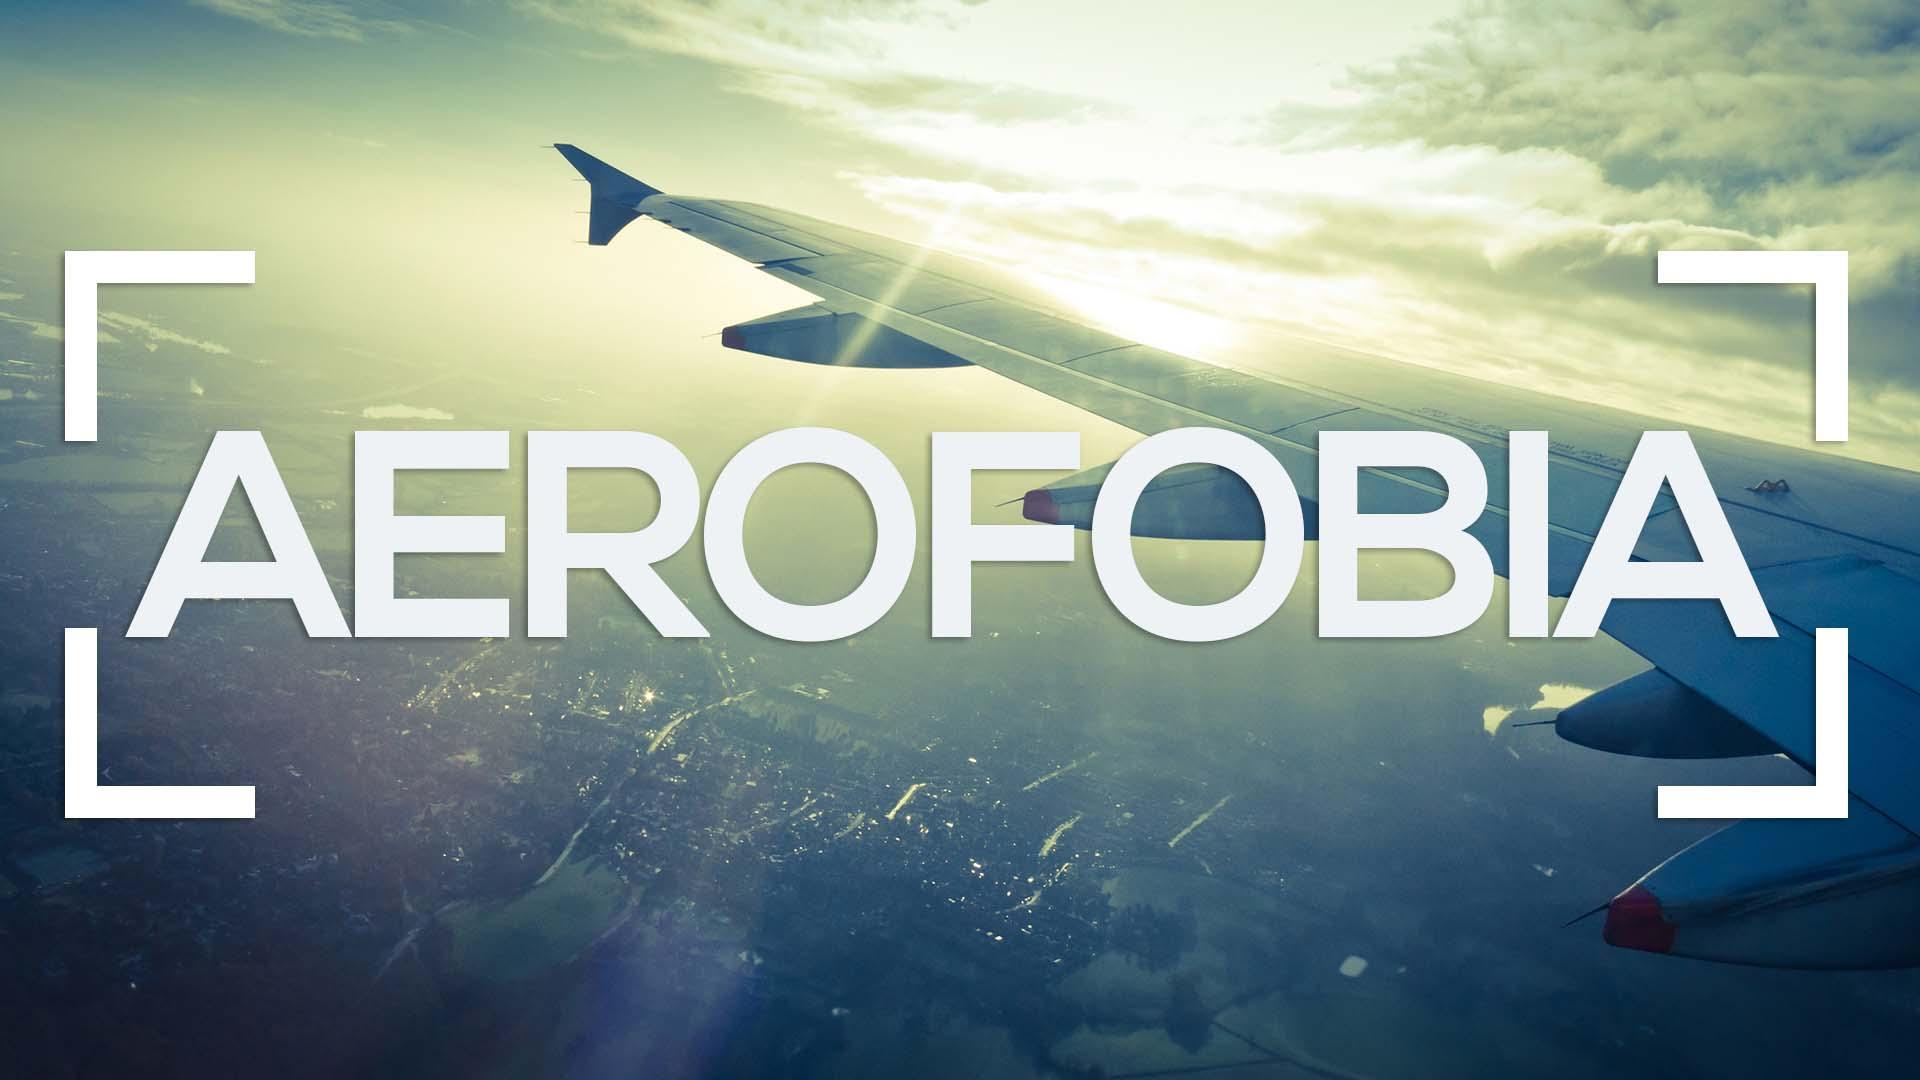 Se muestra el ala de un avión y la palabra aerofobia